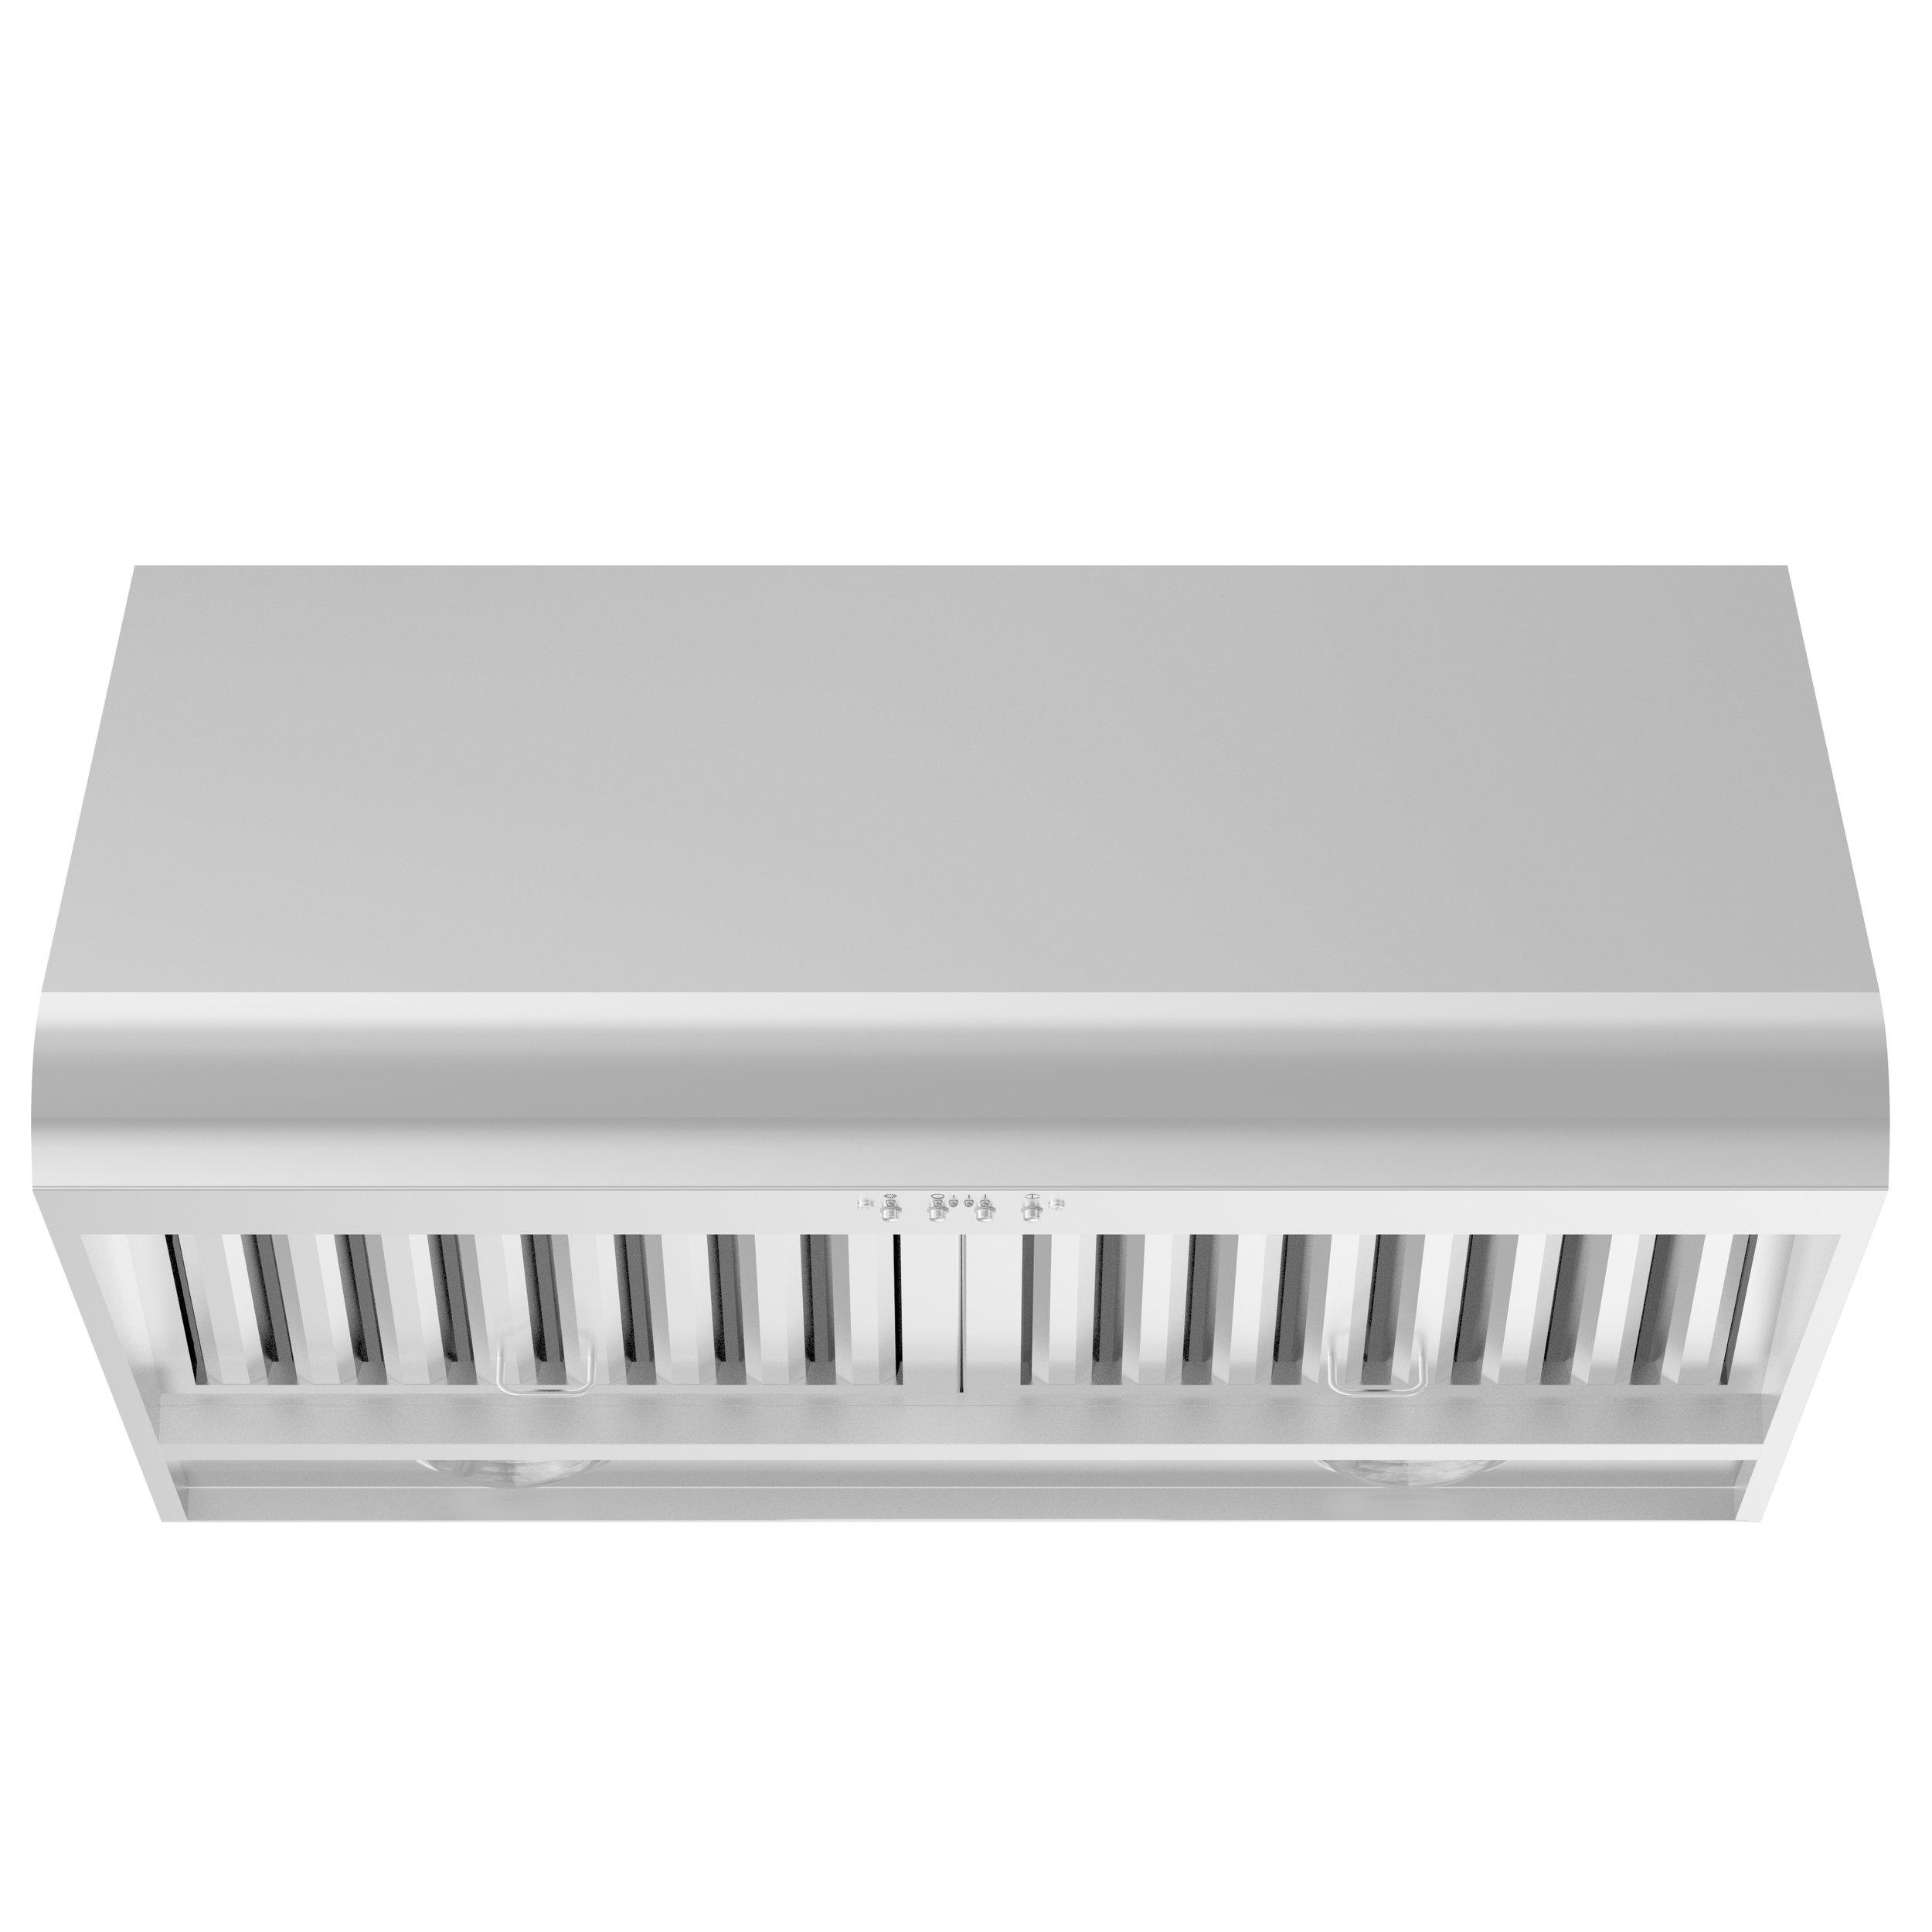 zline-stainless-steel-under-cabinet-range-hood-527-underneath.jpeg